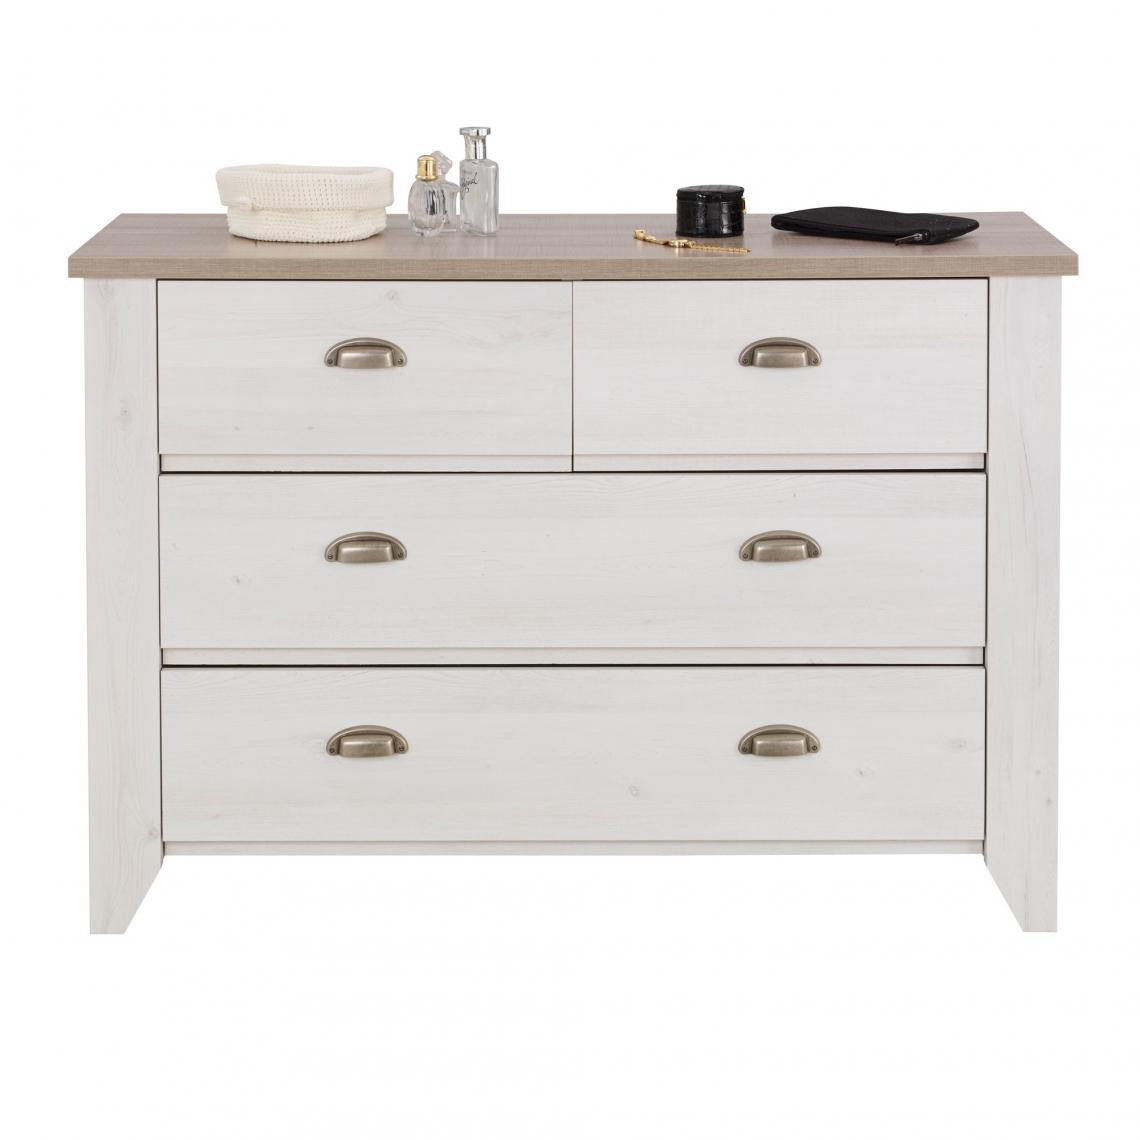 Commodes et chiffonniers Gami Cliquez l image pour l agrandir. Commode 4  tiroirs Ellen Gami - Décor cerisier blanchi   chêne gris Gami ba4d1ecfe949